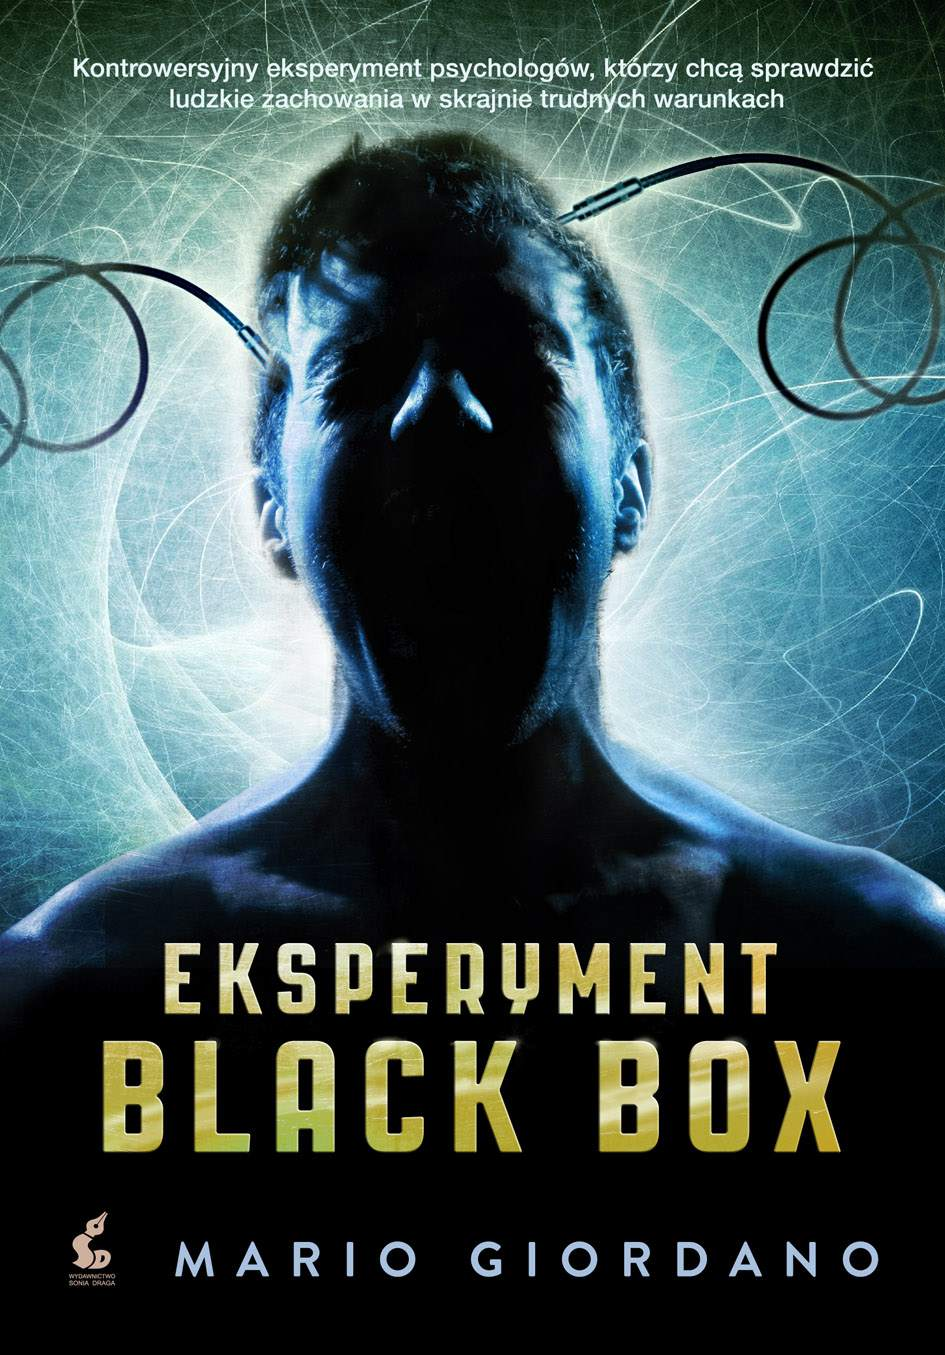 Eksperyment Black Box - Ebook (Książka EPUB) do pobrania w formacie EPUB